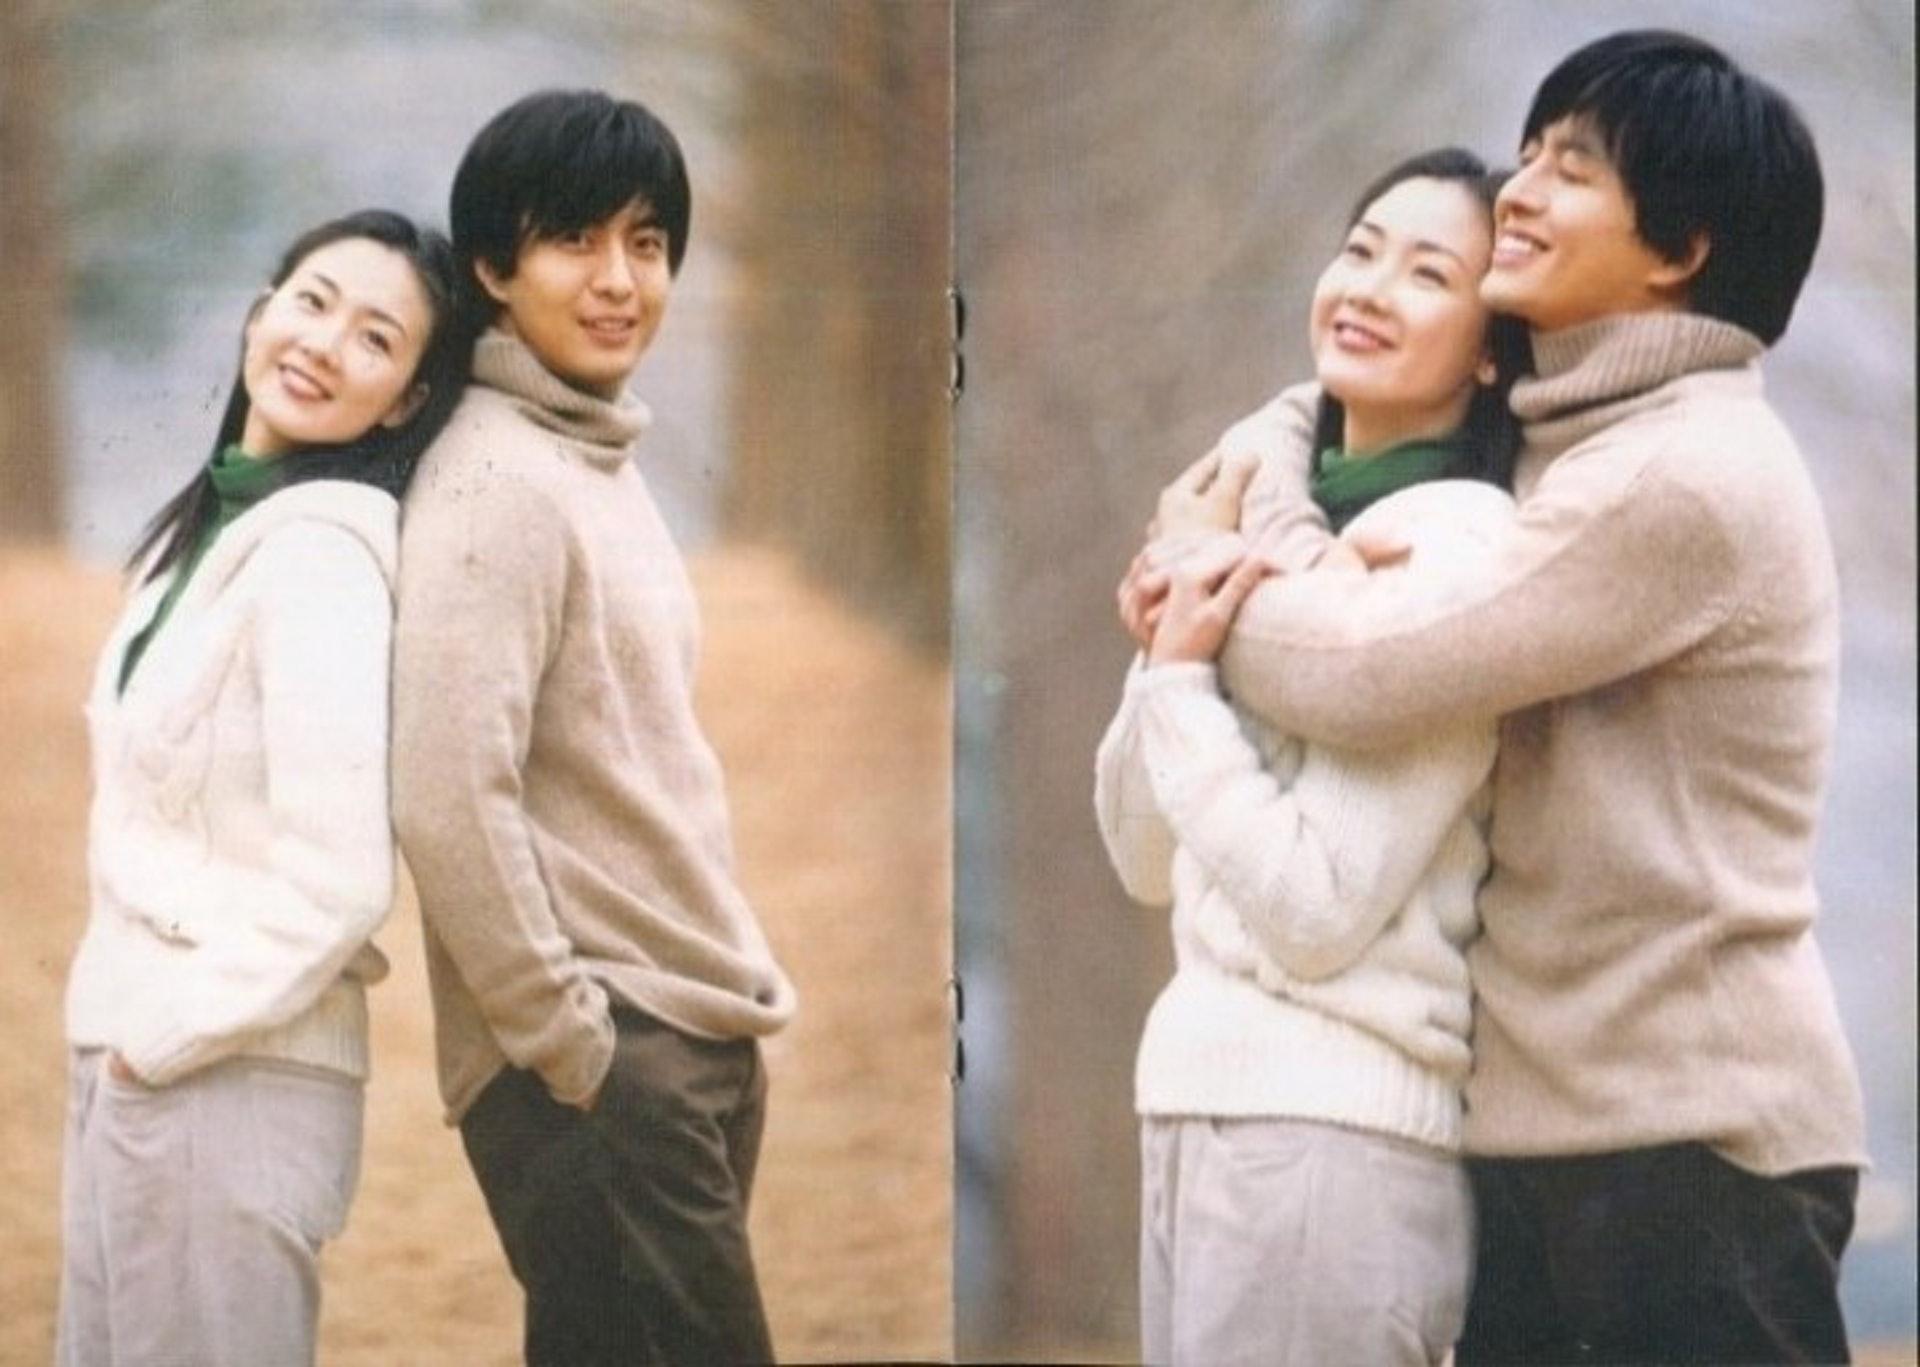 劇迷都非常想見到裴勇俊和崔智友再次同框。(劇照)